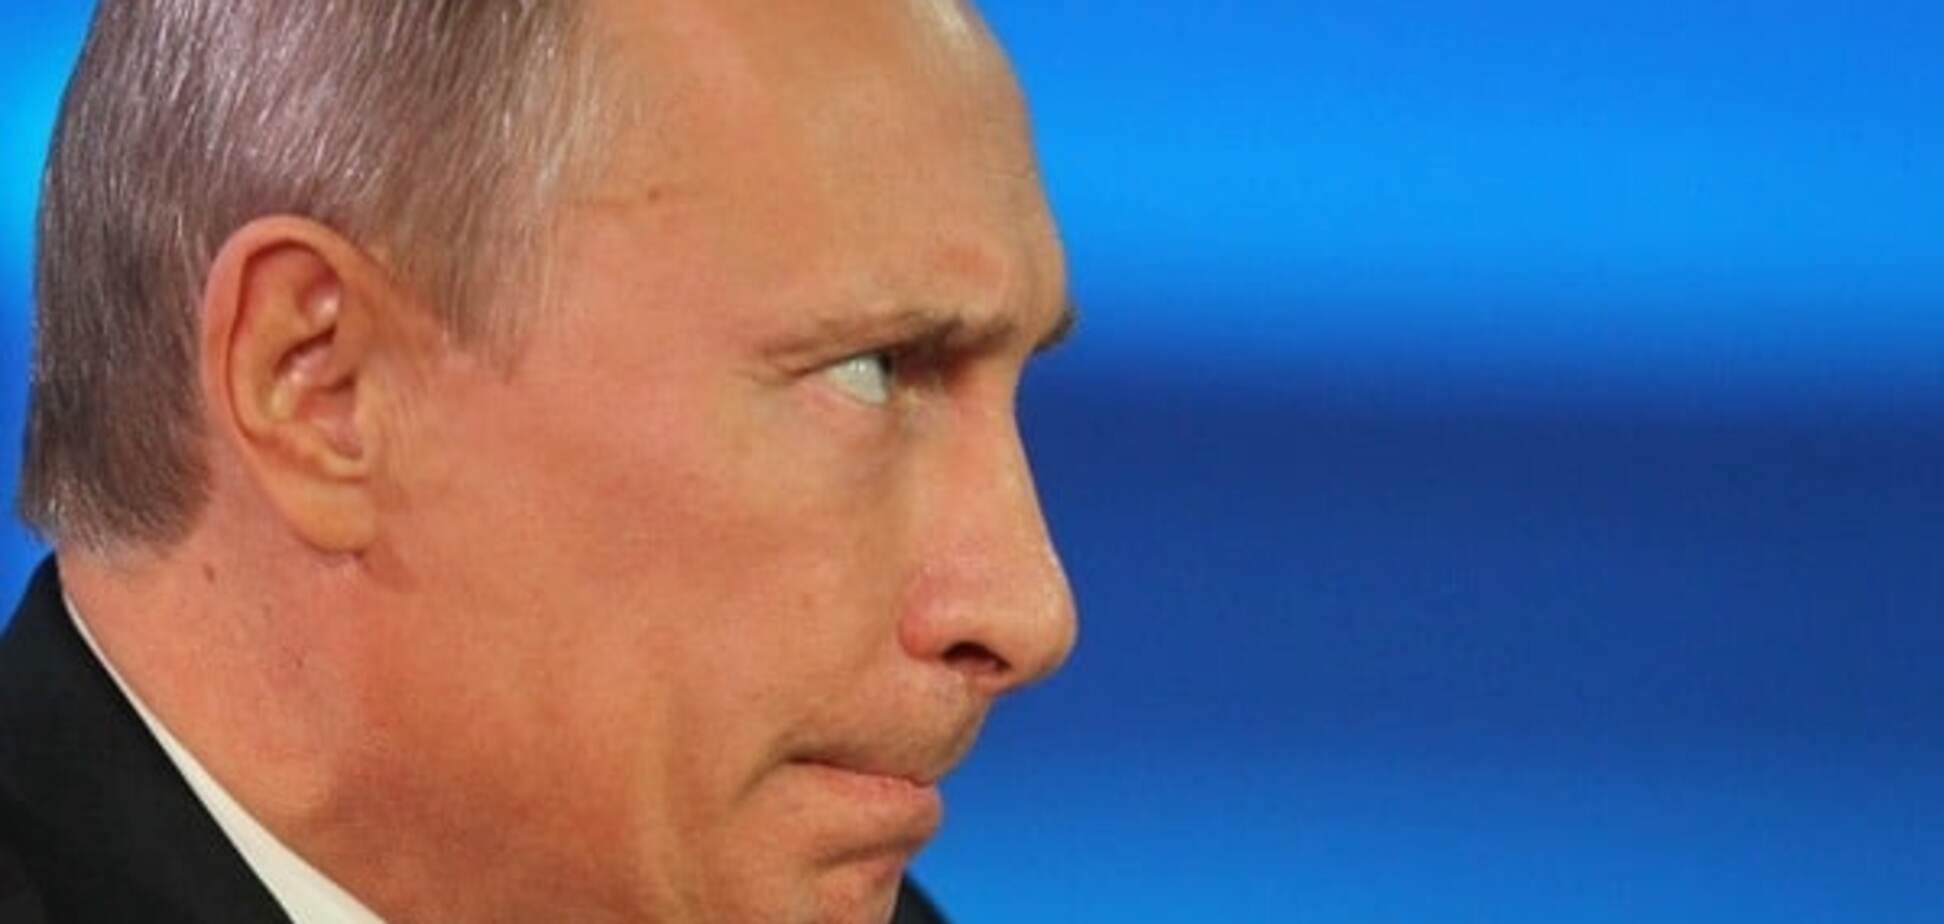 Путин боится государственного переворота в 2017 году - RFE/RL